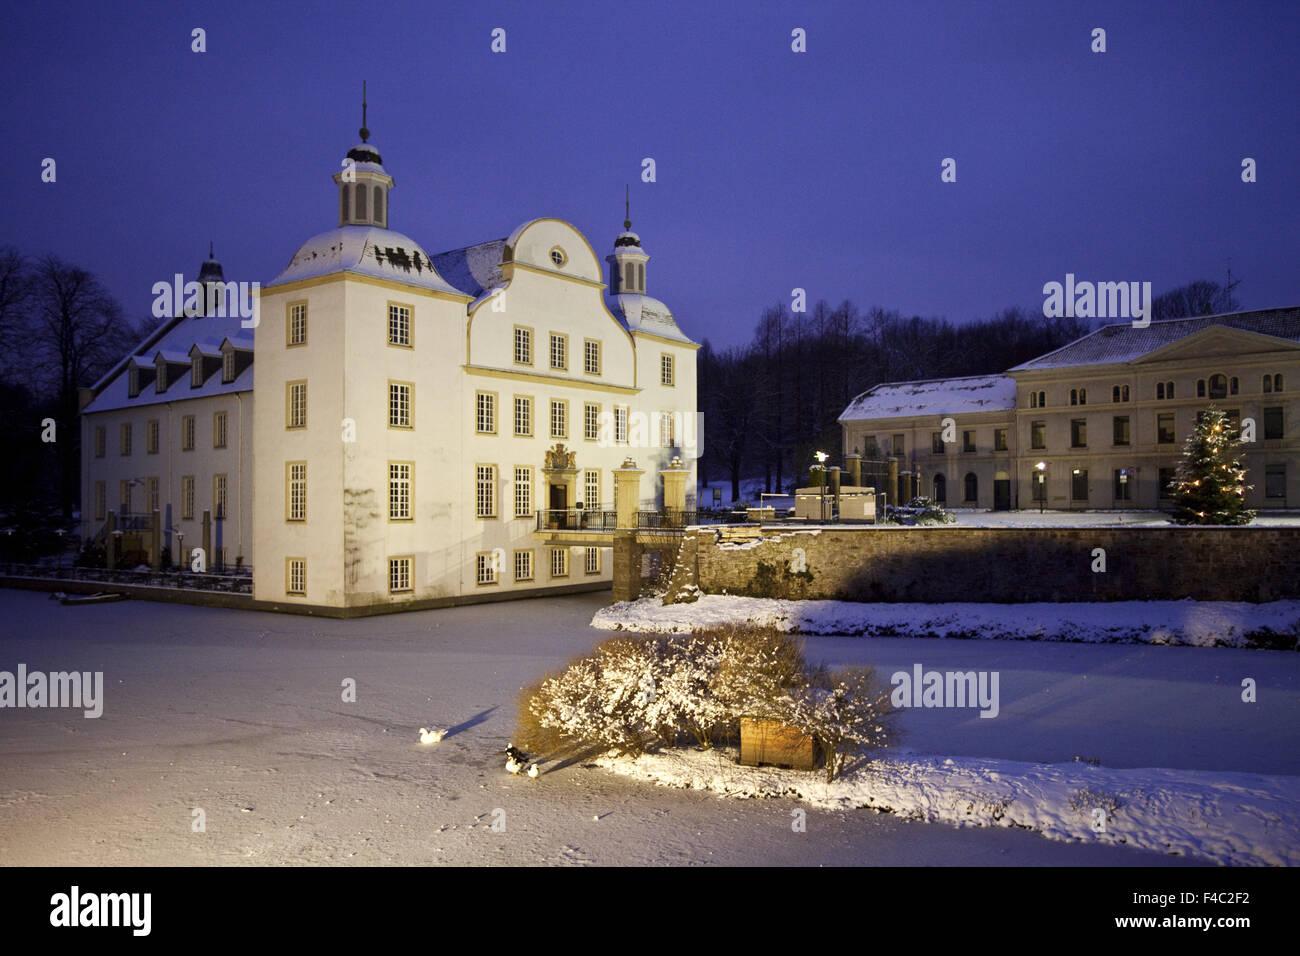 Schloss Borbeck Kirchliche Und Standesamtlliche Trauung